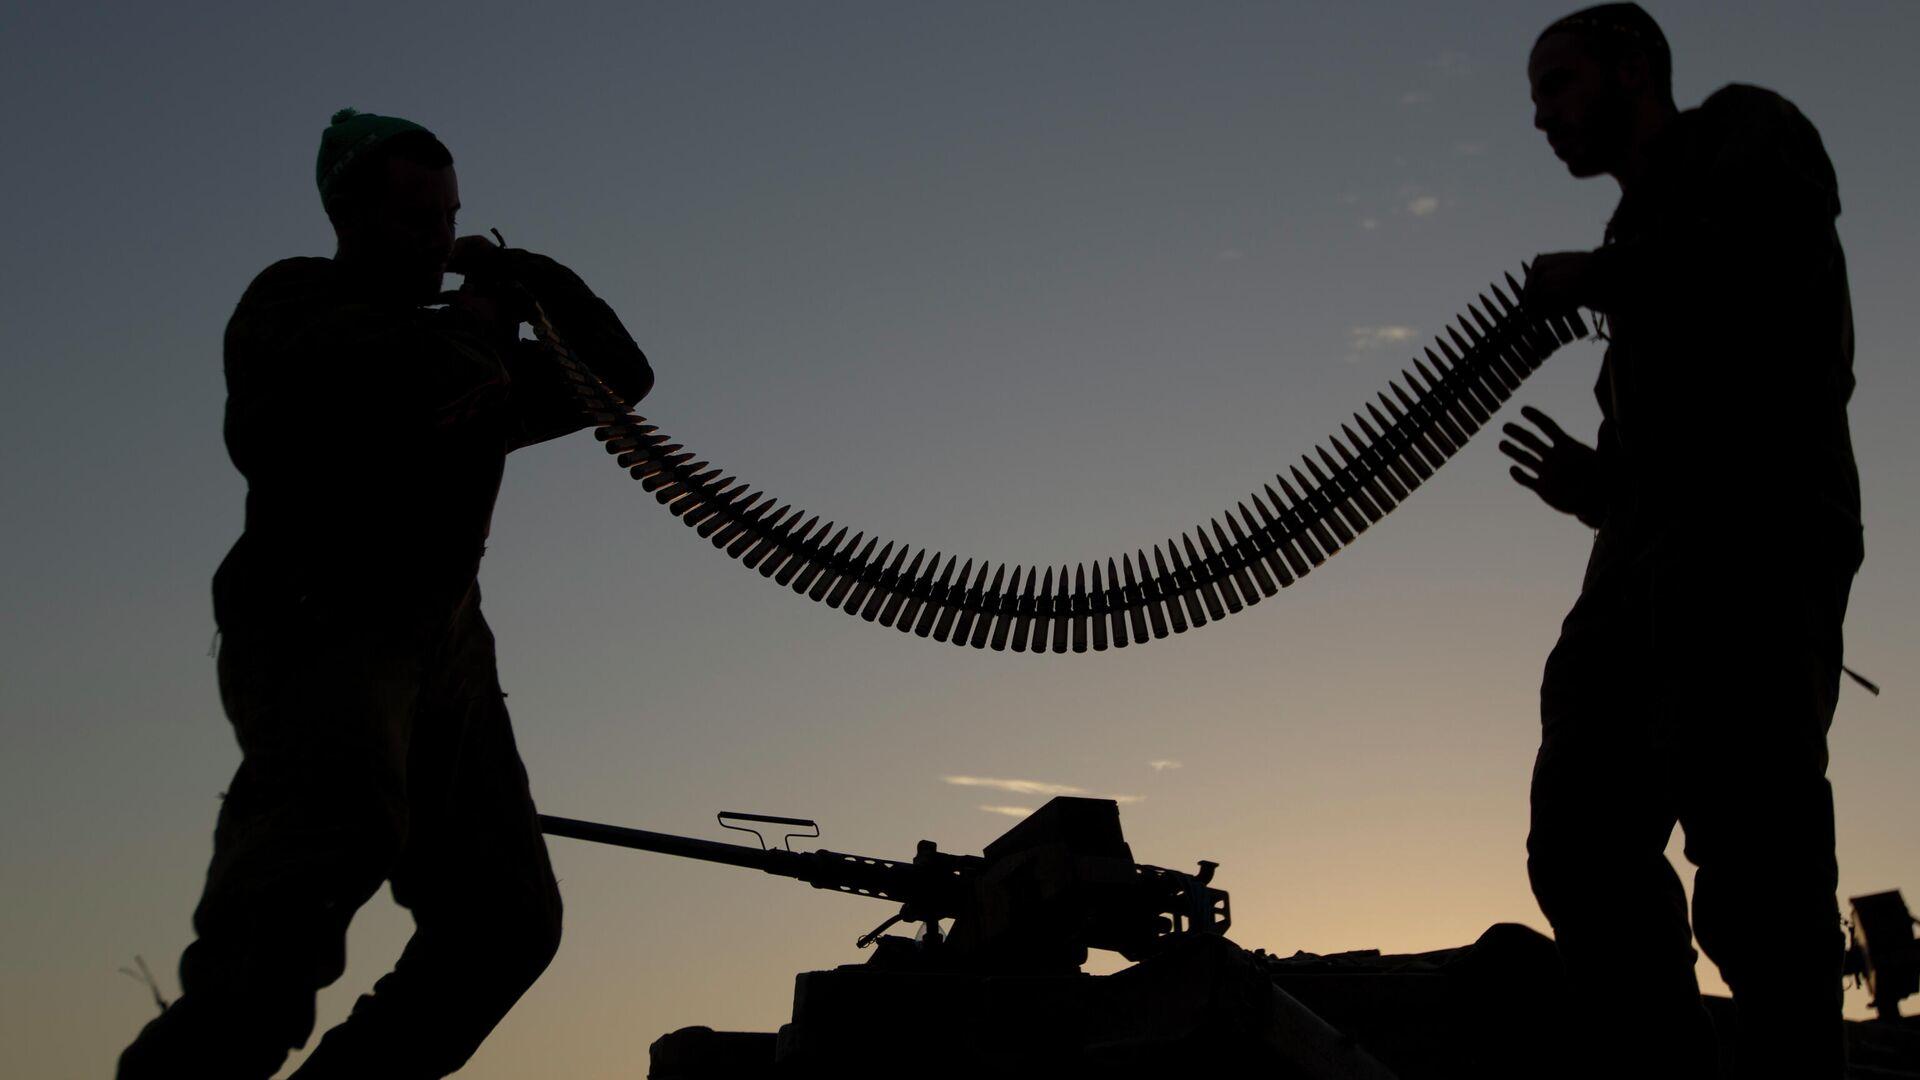 Израильские солдаты держат боеприпасы, стоя на крыше танка в плацдарме недалеко от границы с Израилем в Газе - Sputnik Тоҷикистон, 1920, 12.10.2021